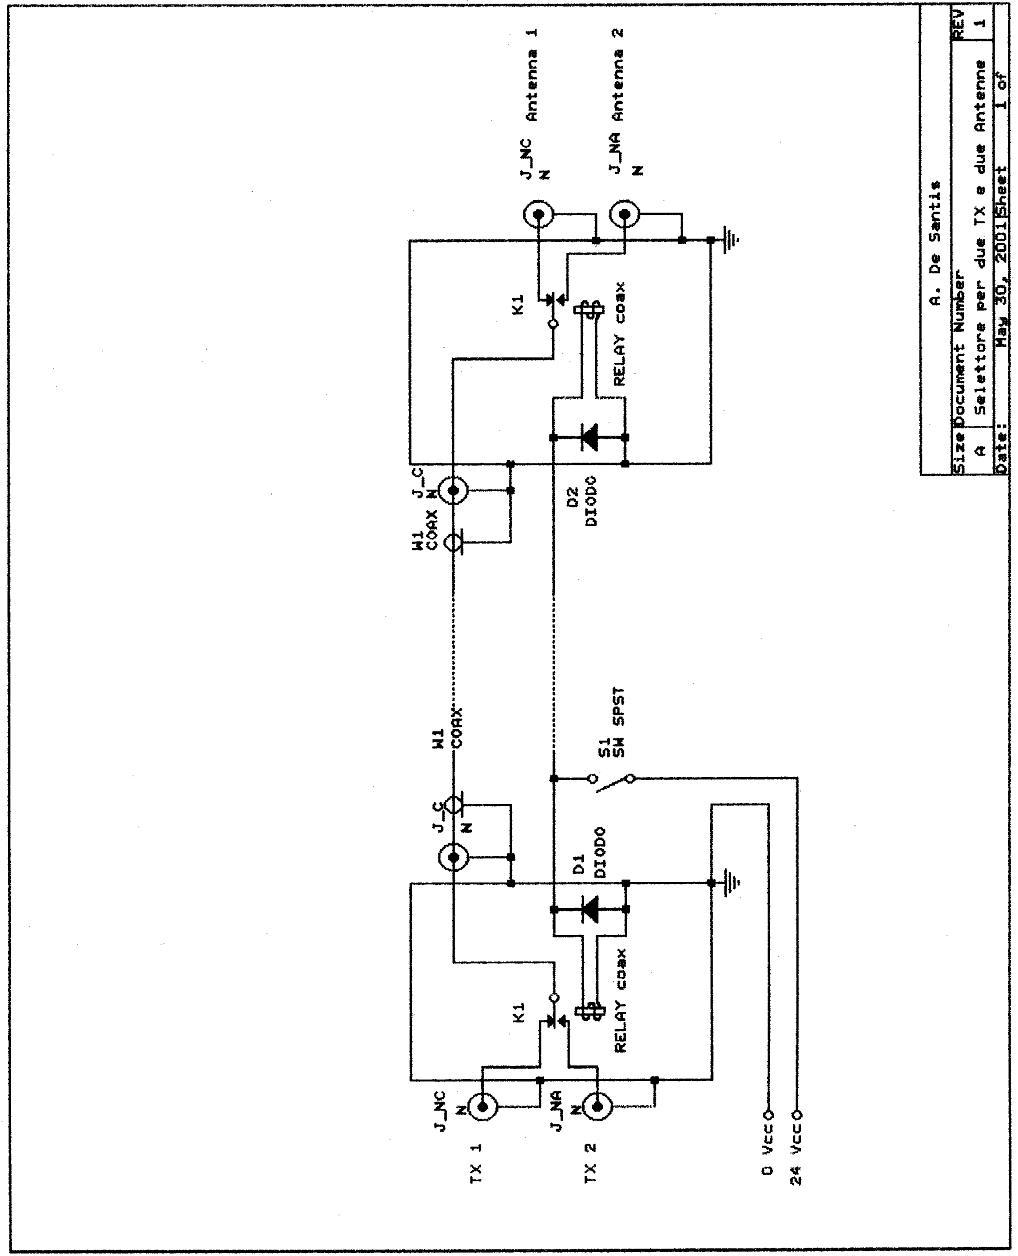 Schema Elettrico Phantom F12 Euro 0 : Schema elettrico hm  fare di una mosca